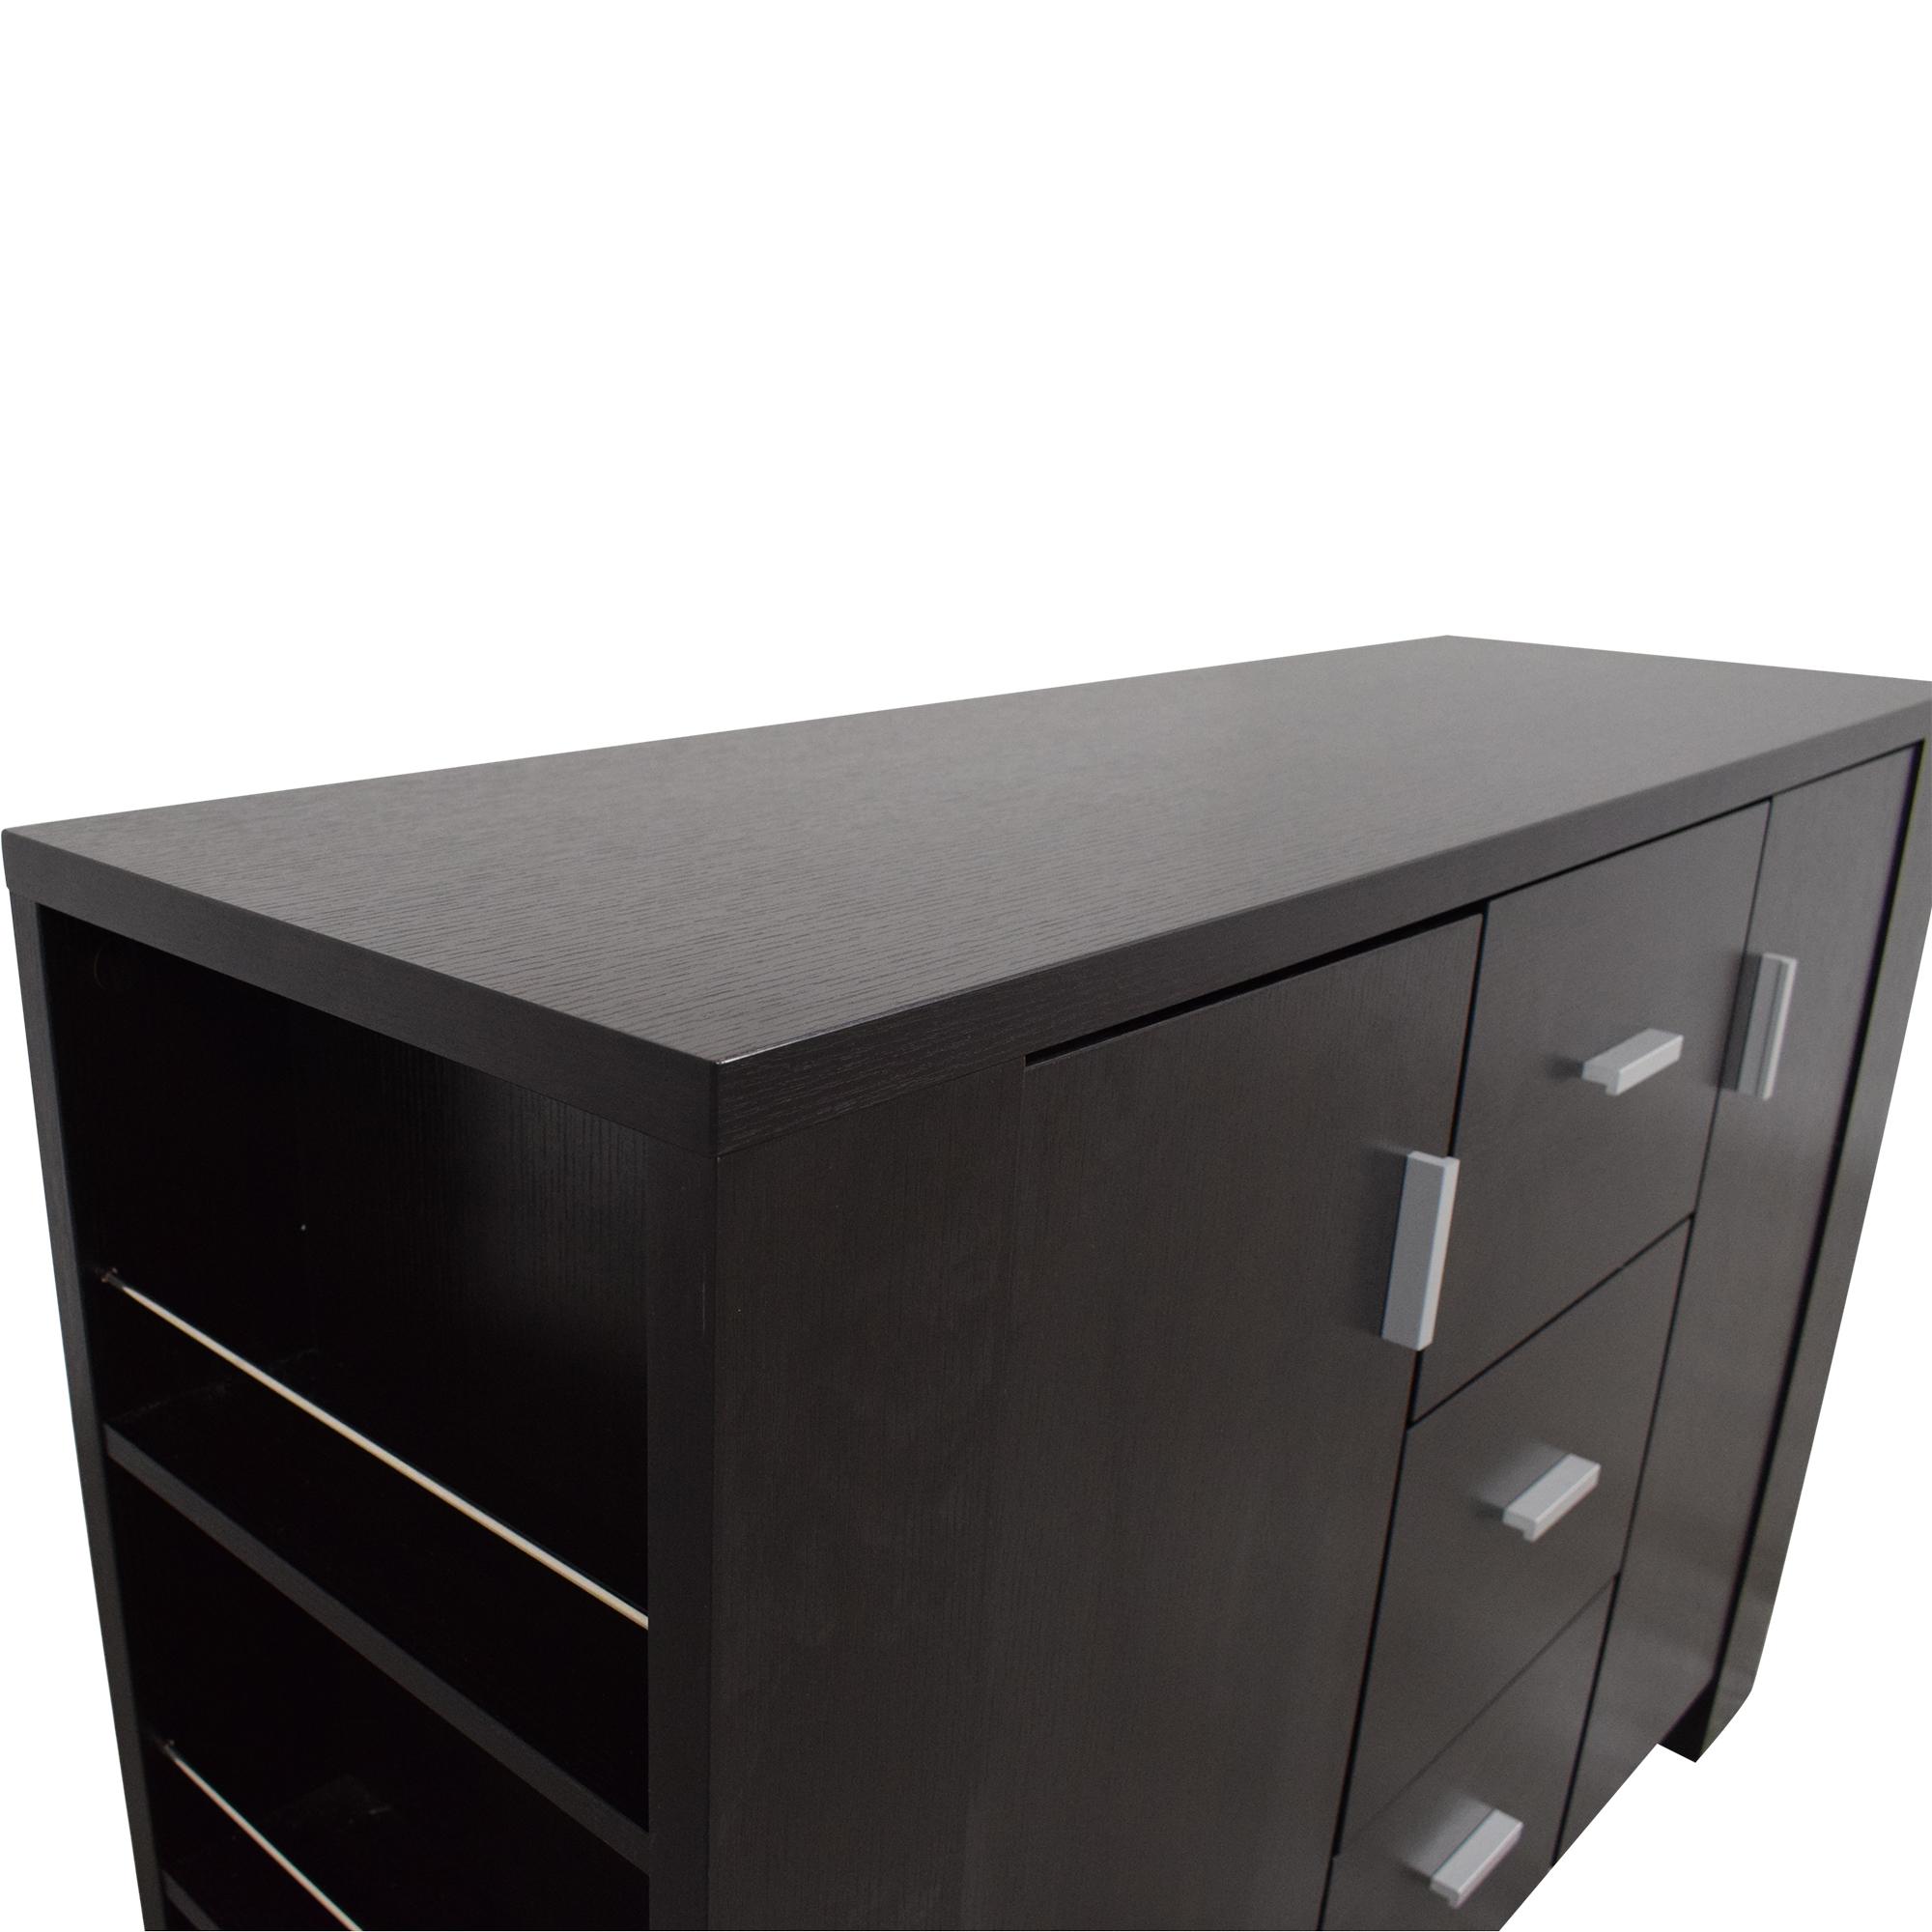 Wayfair Wayfair Storage Cabinet Credenza price